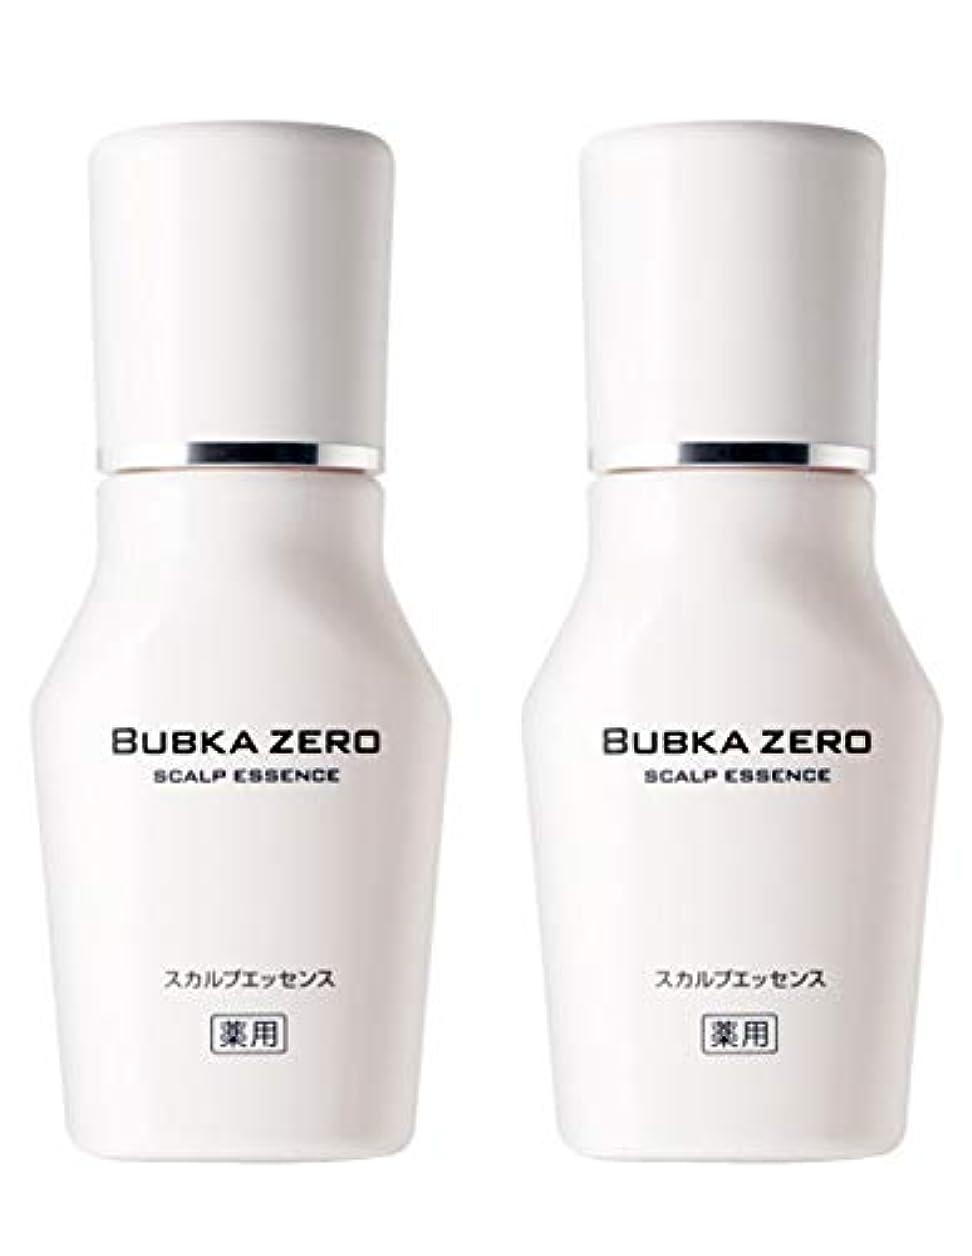 モットー麻痺させるマディソン【医薬部外品】BUBKA(ブブカ)薬用 スカルプエッセンス 育毛剤 BUBKA ZERO (ブブカ ゼロ)2本セット